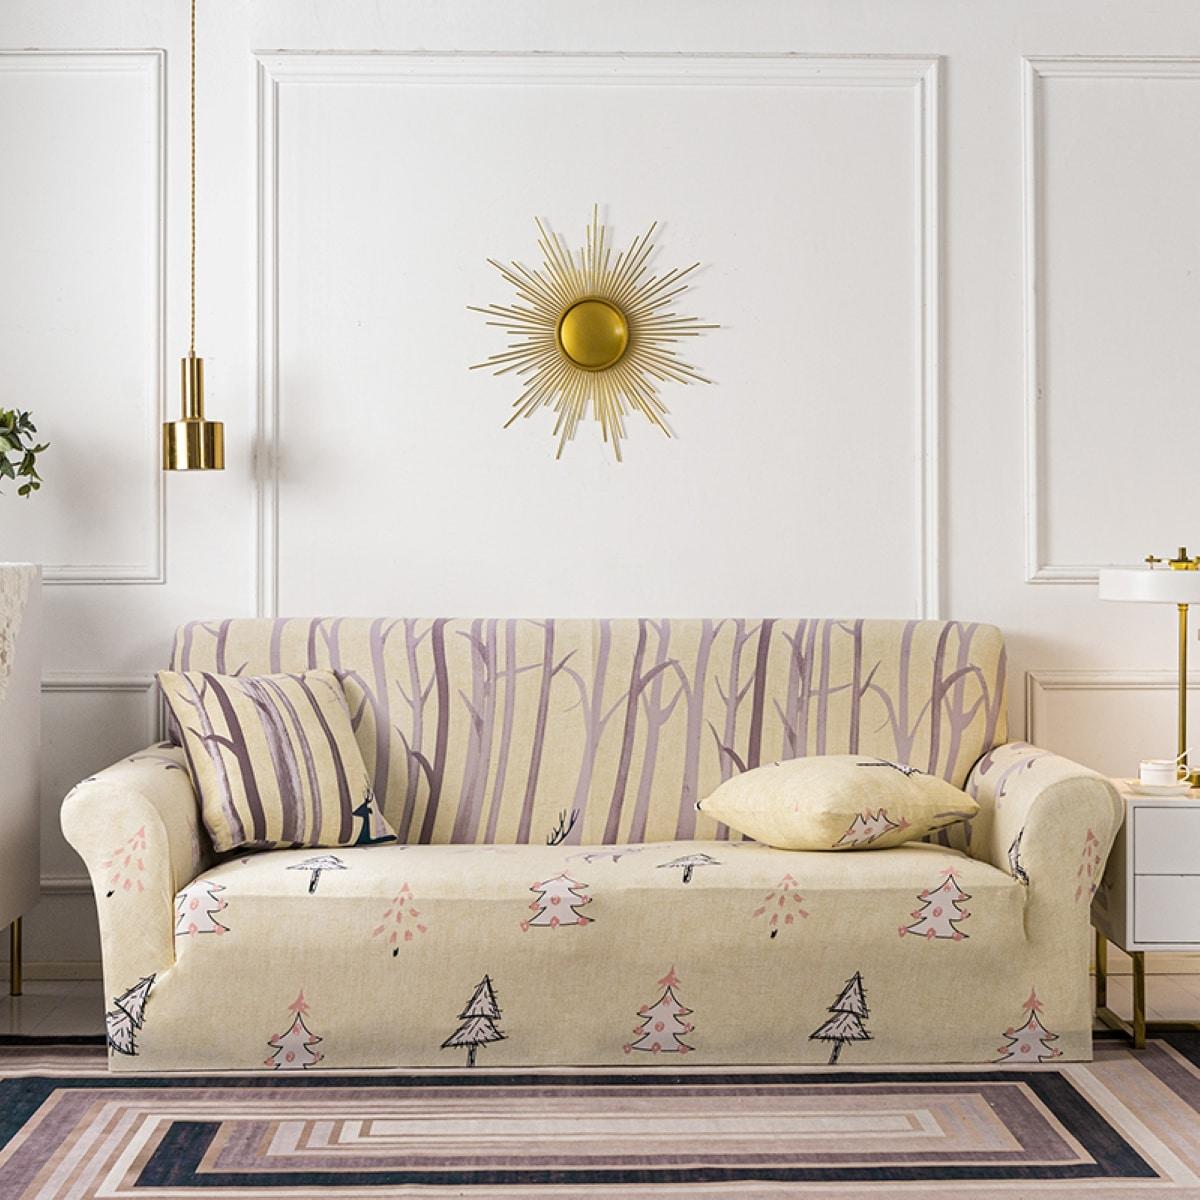 Эластичный чехол для дивана и 1шт чехол для подушки с принтом дерева без наполнителя